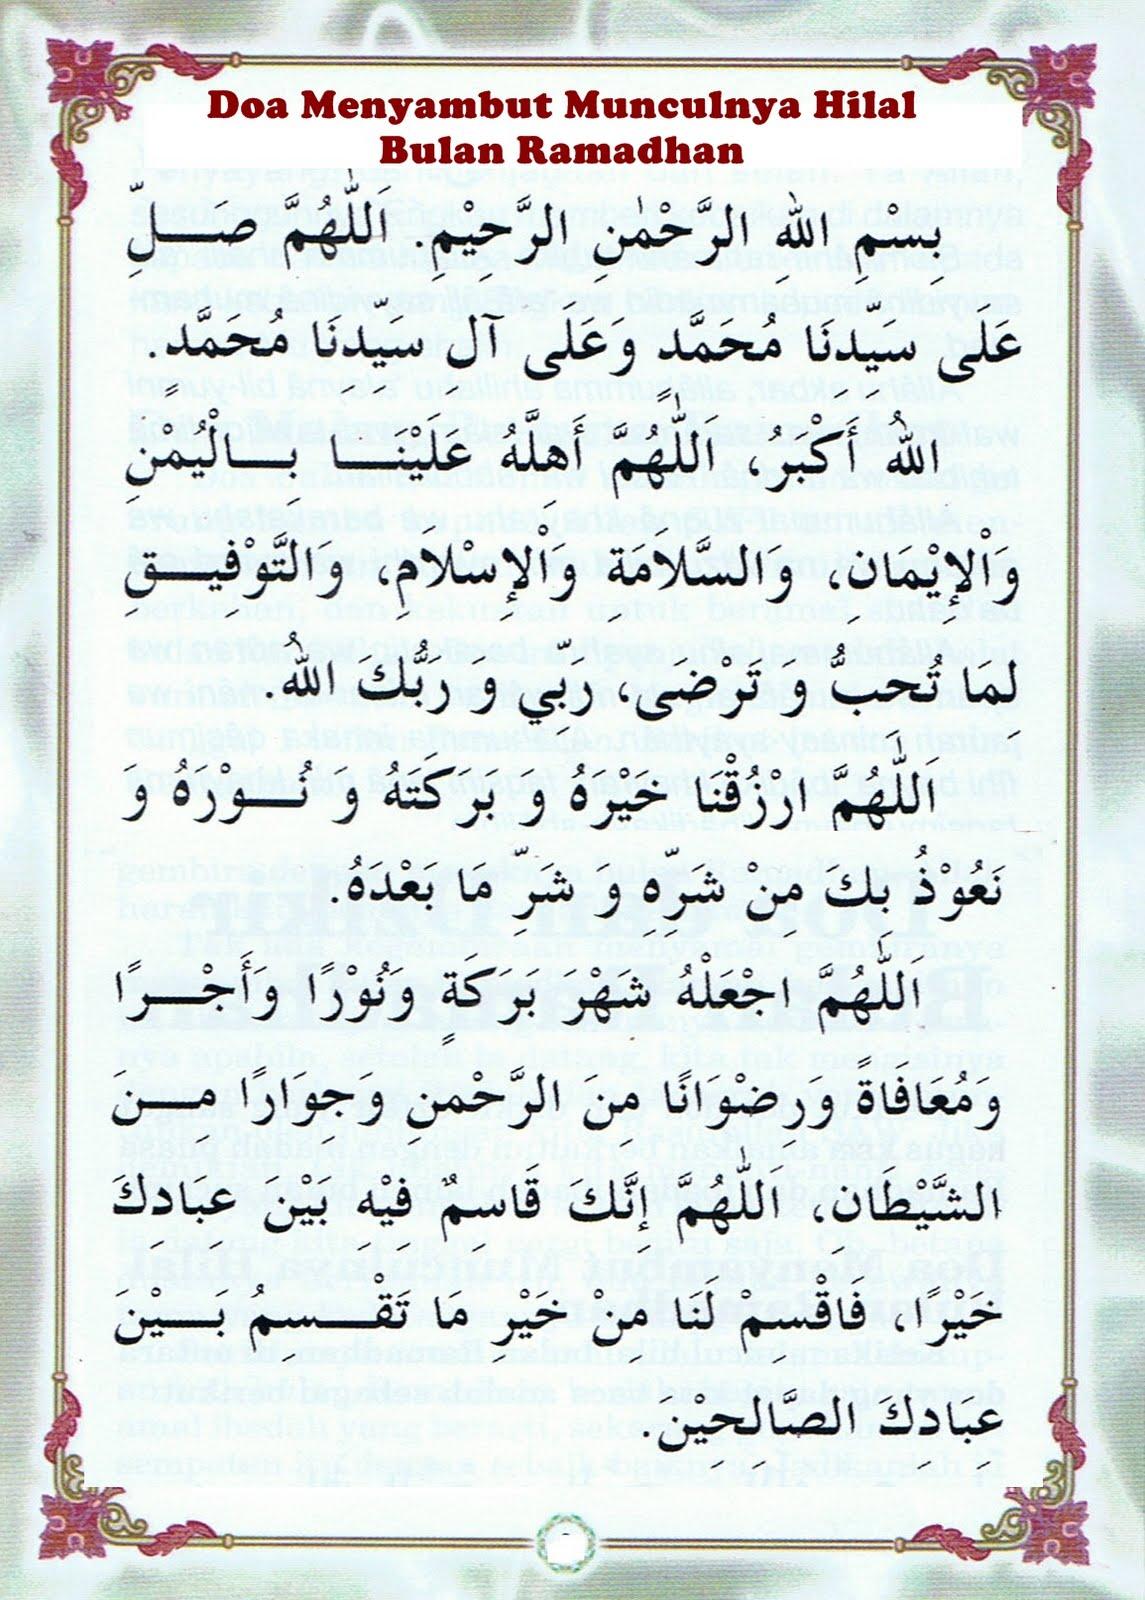 ... suci, di antara doa yang dapat kita baca adalah sebagai berikut